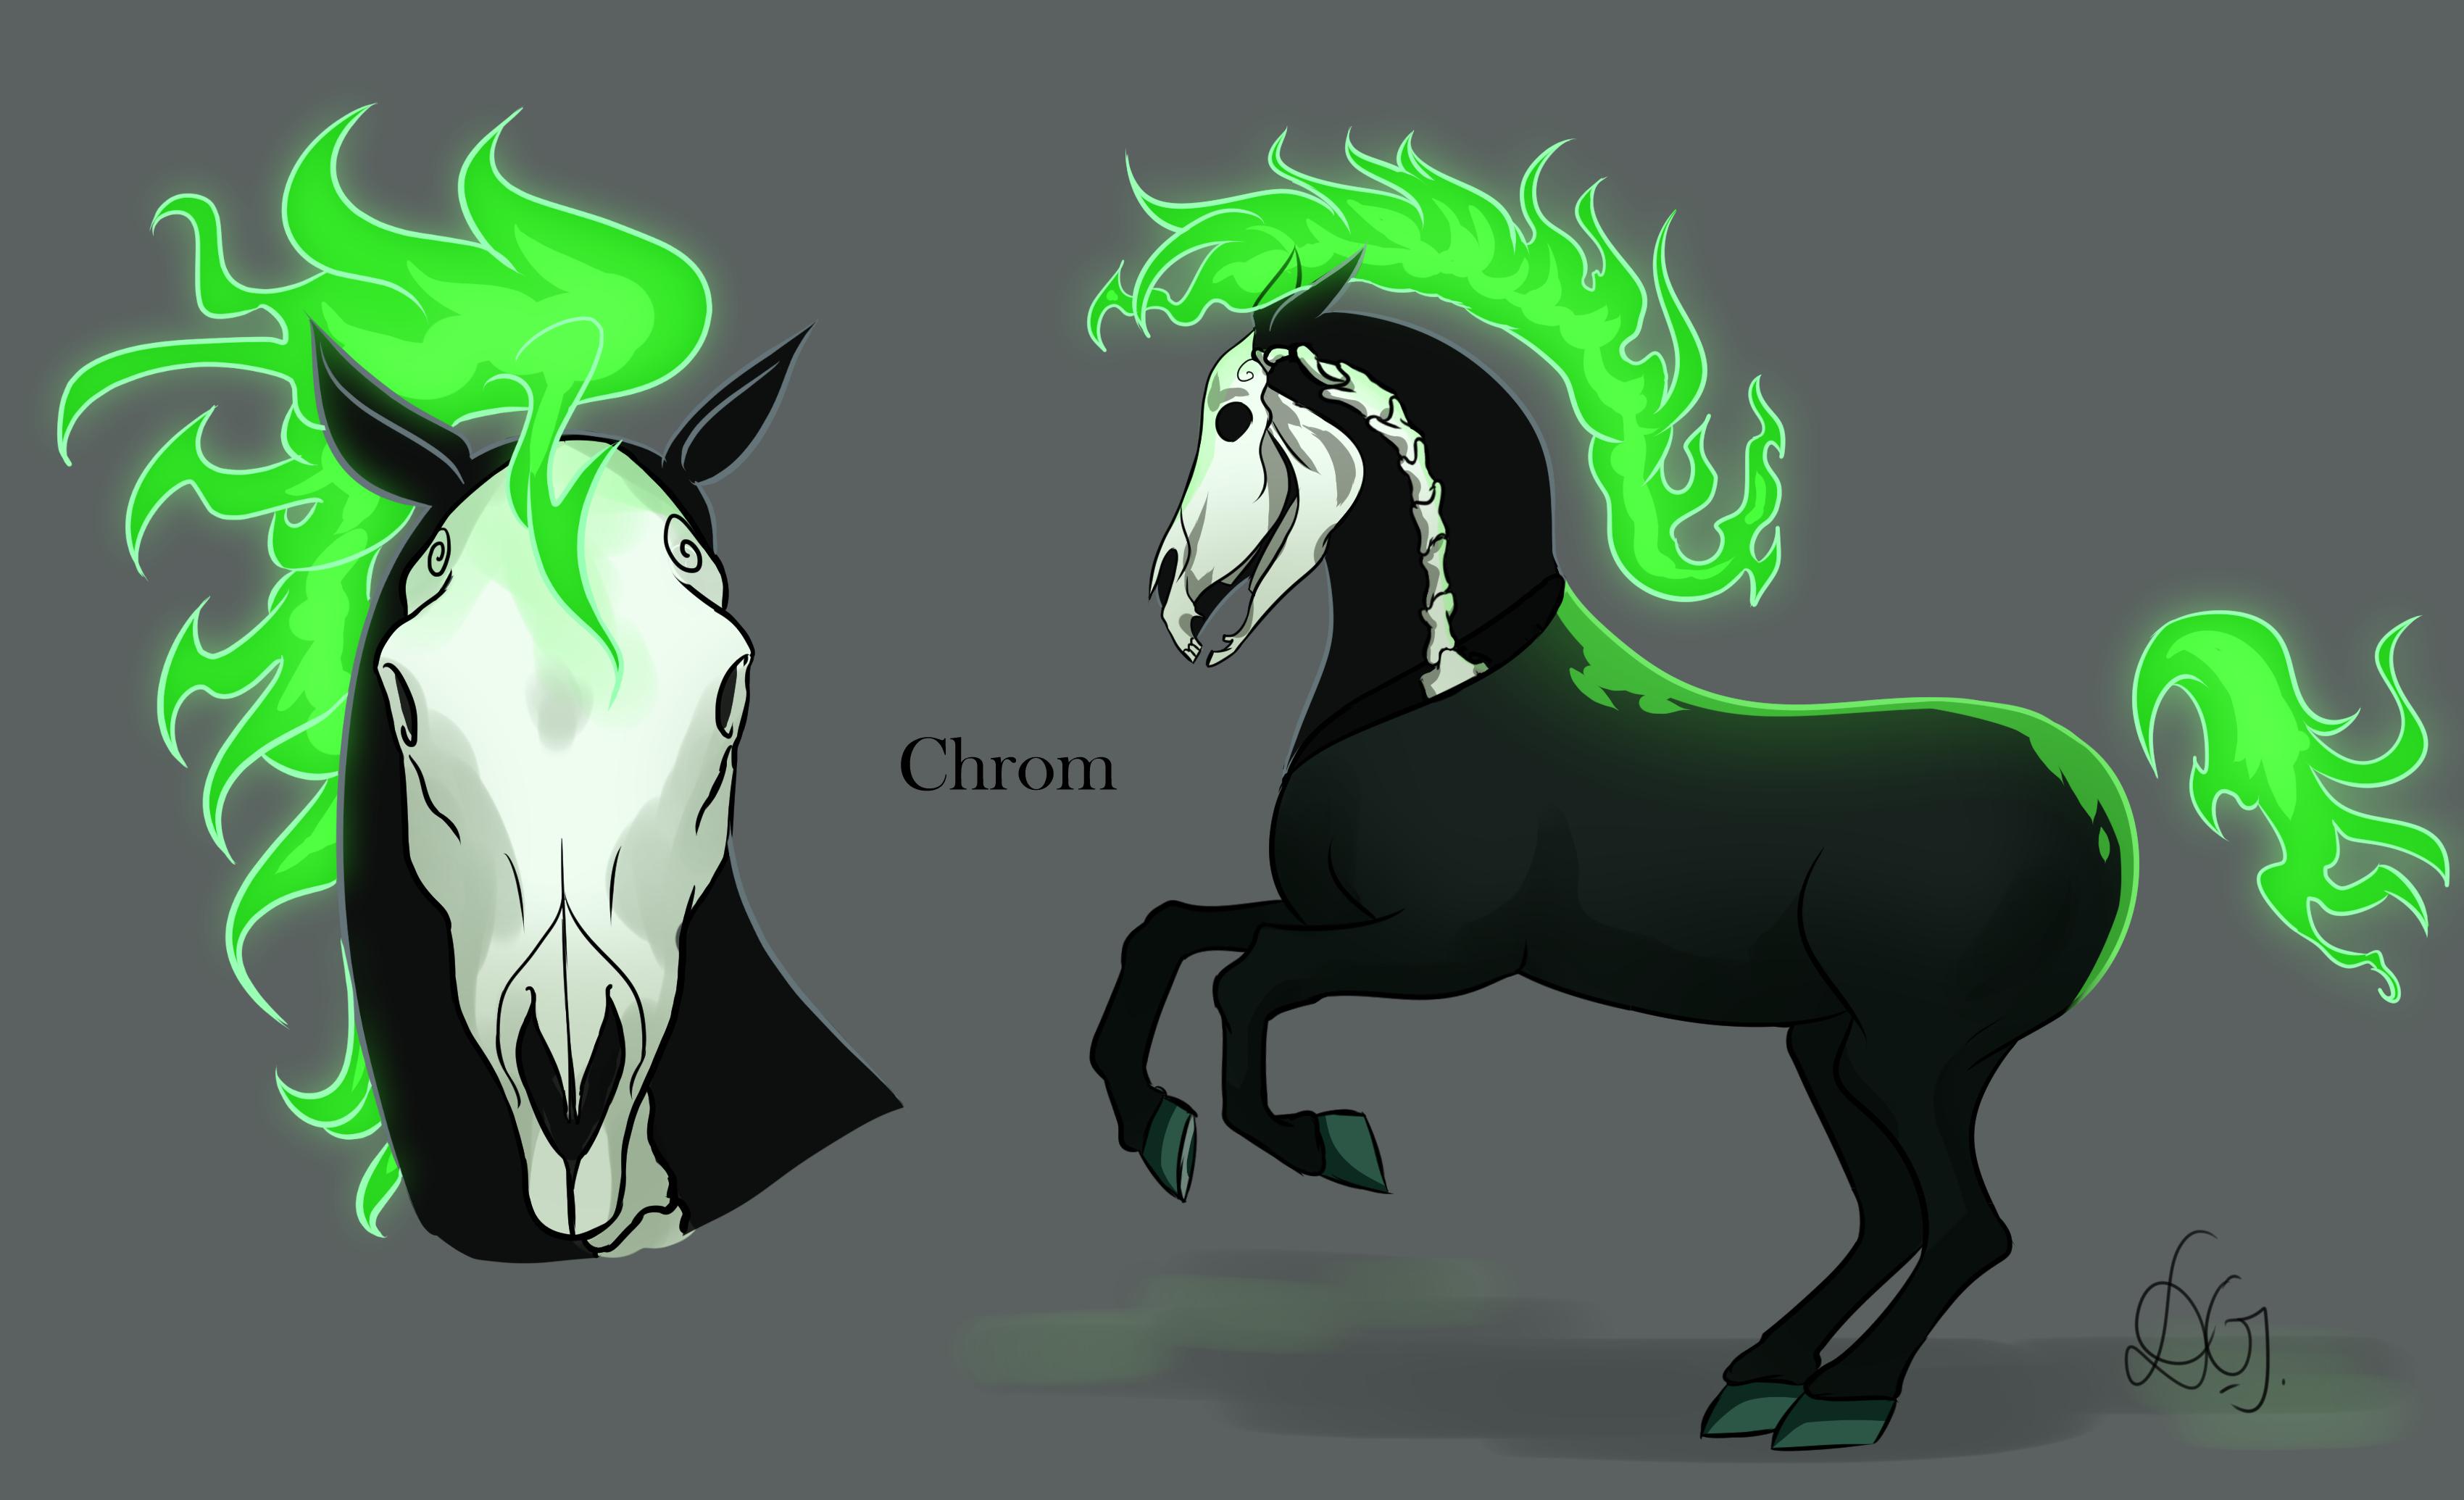 Groves_Deborah_Final_Chrom